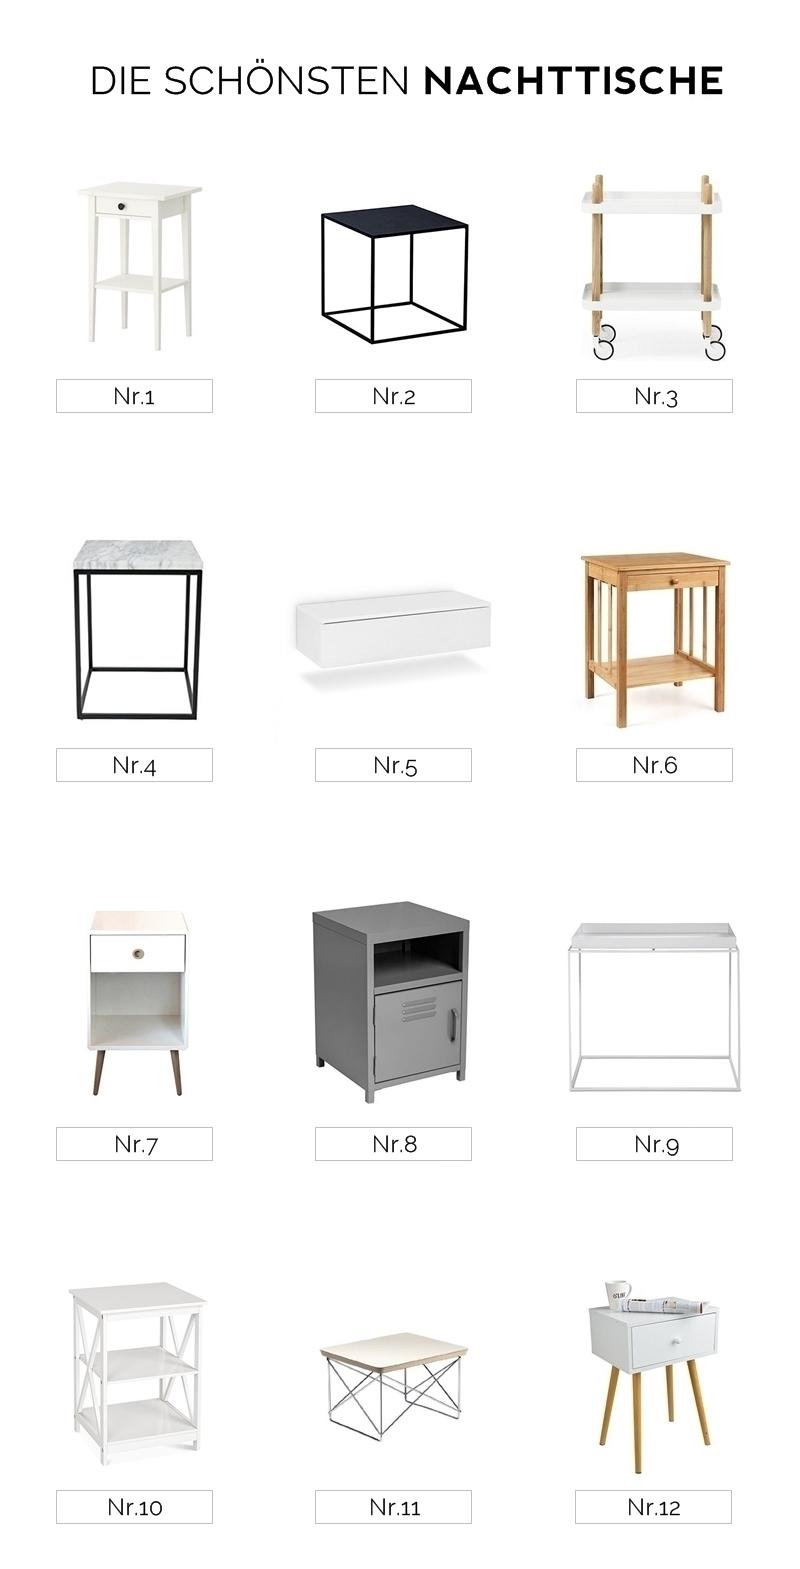 How To - Stylingtipps: Nachttisch dekorieren. Die schönsten Nachttische modern skandinavisch Roundup. Tasteboykott Blog Interior Design.